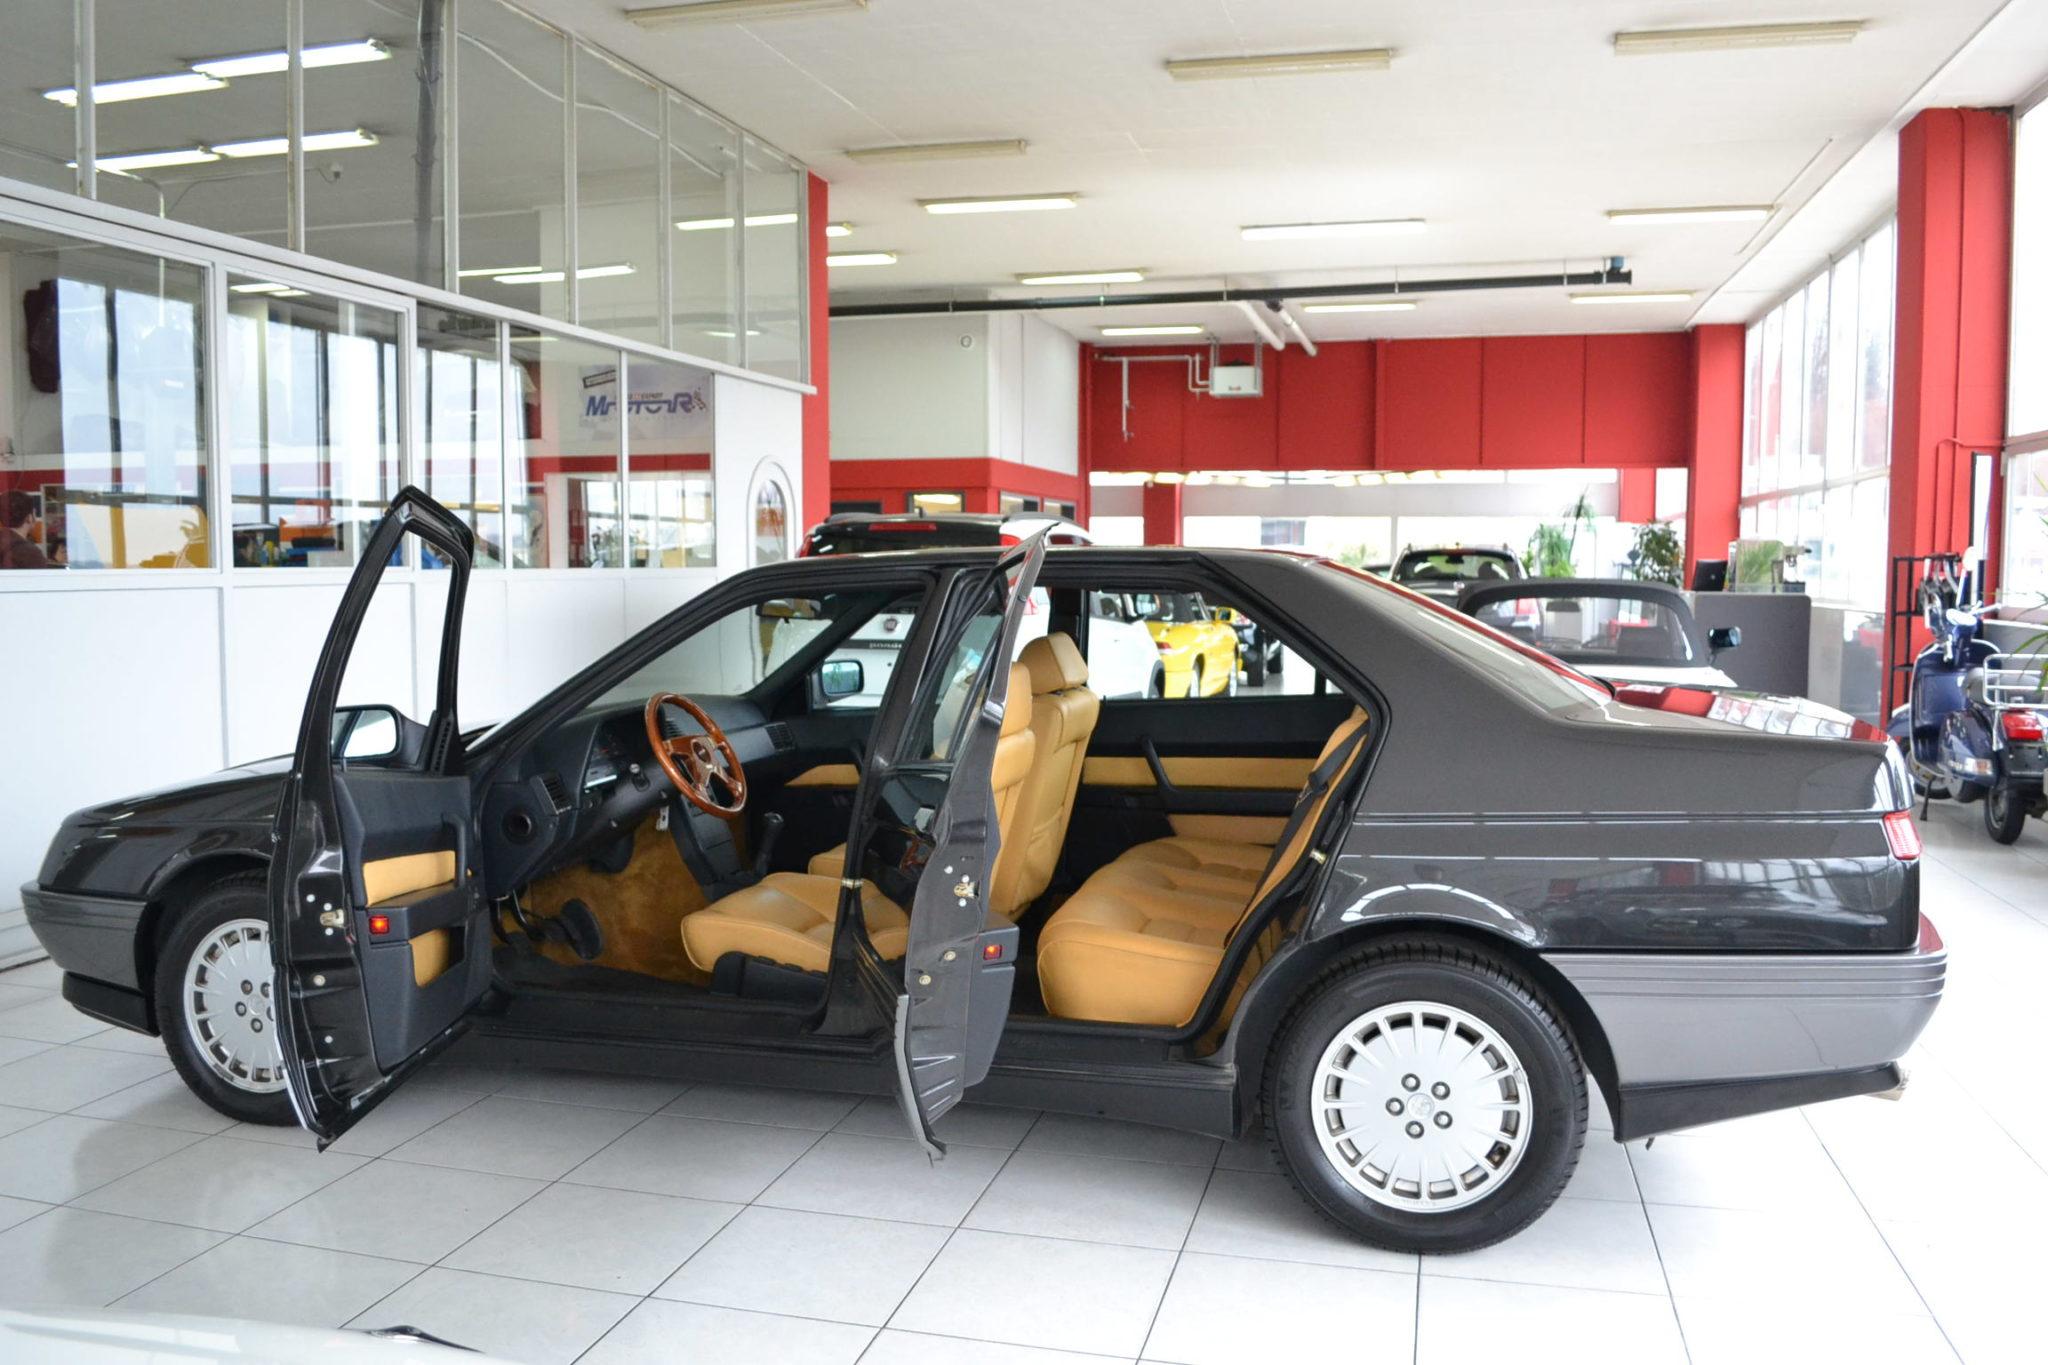 alfa romeo 164 2 0 v6 turbo nero mettalizzato garage vecchio. Black Bedroom Furniture Sets. Home Design Ideas